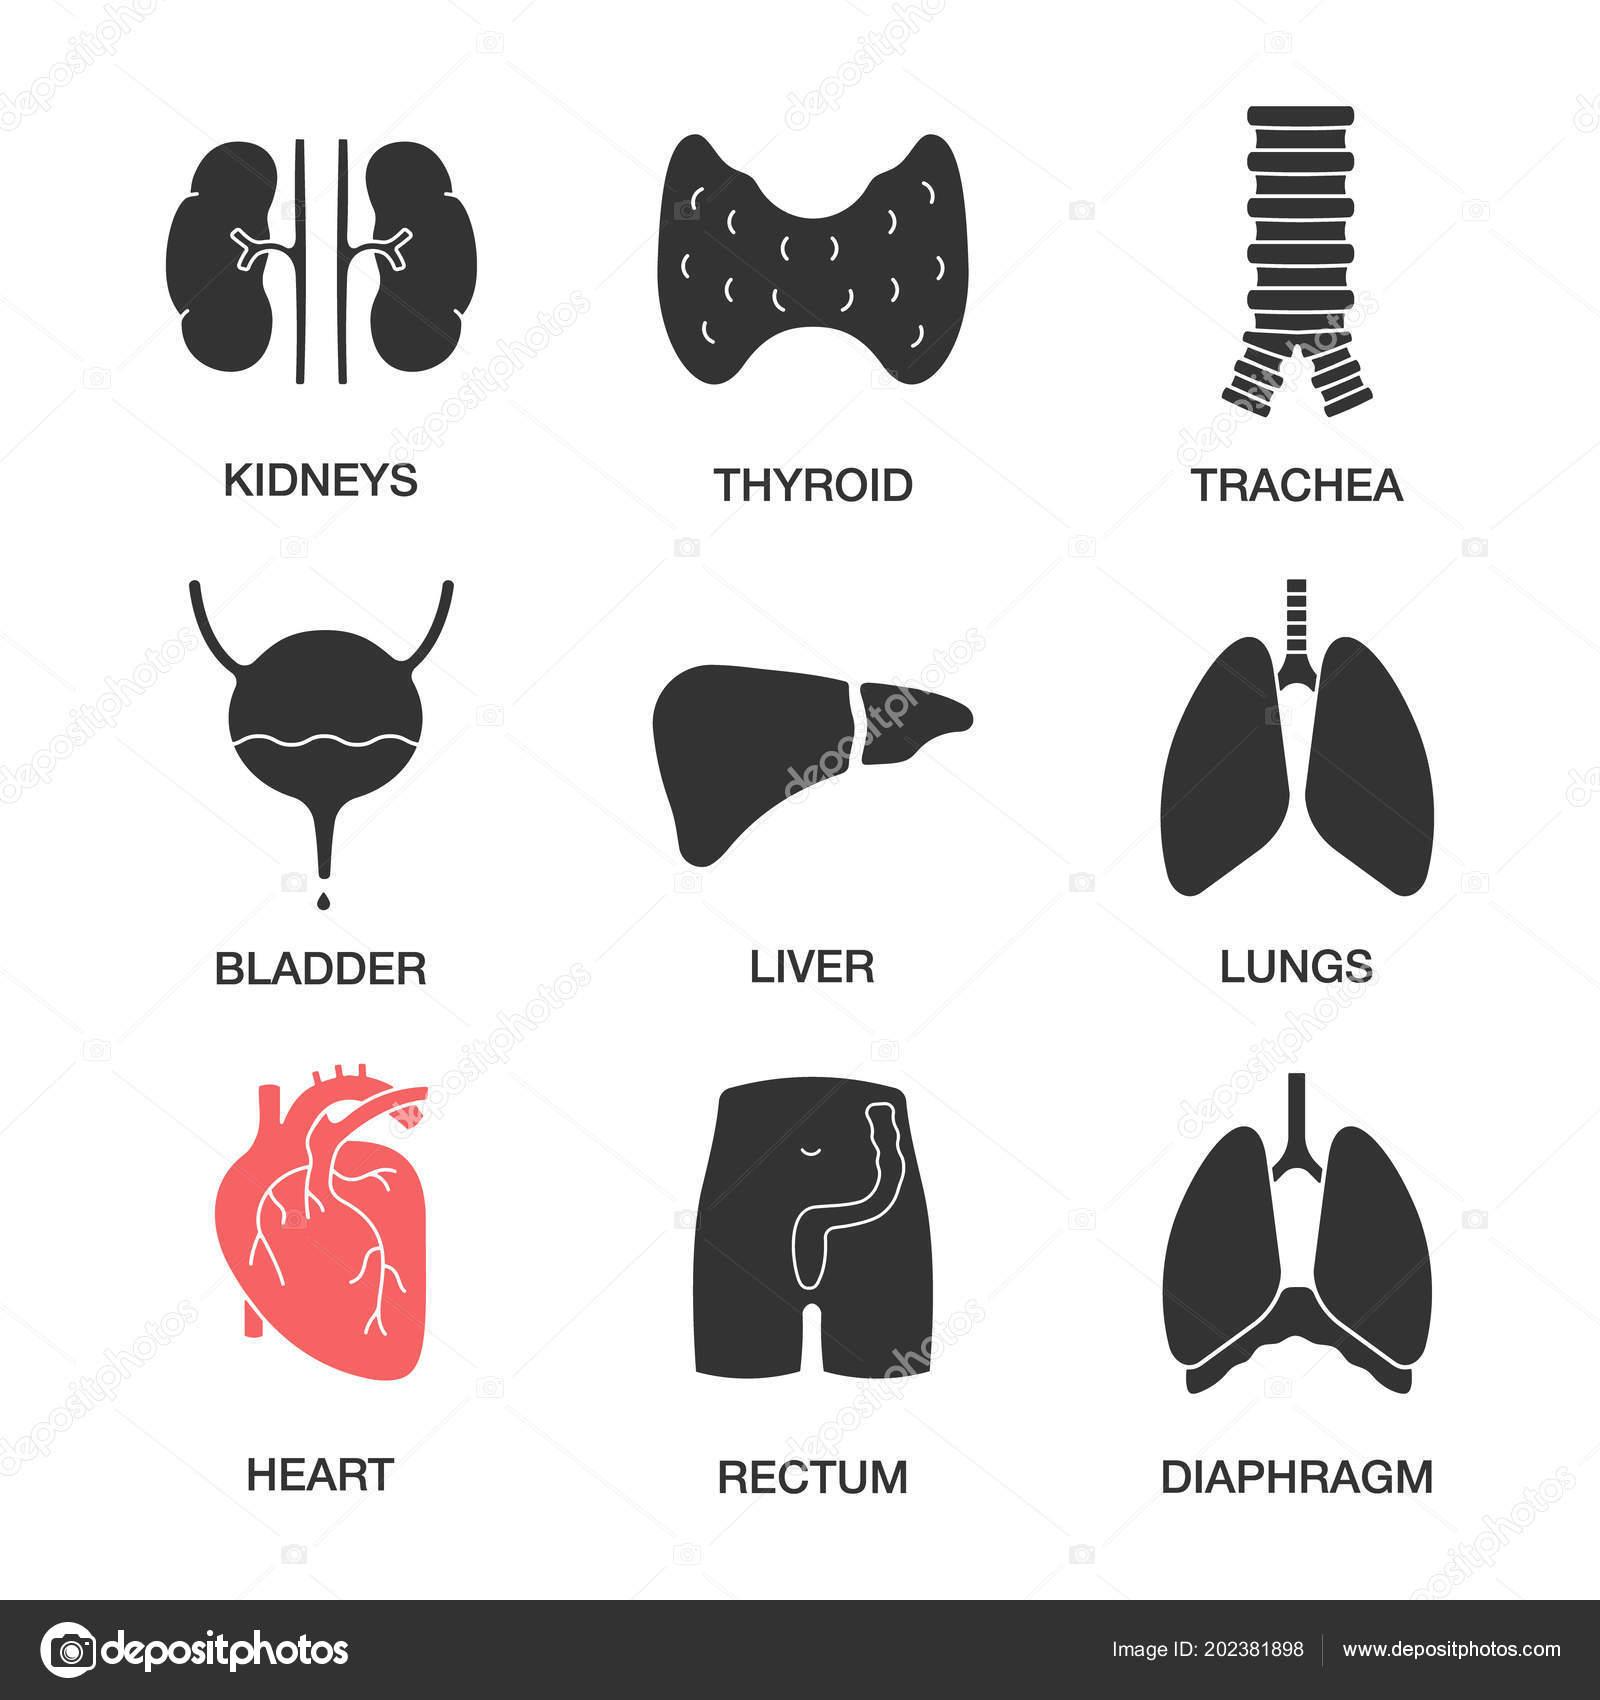 Schilddrüse harndrang